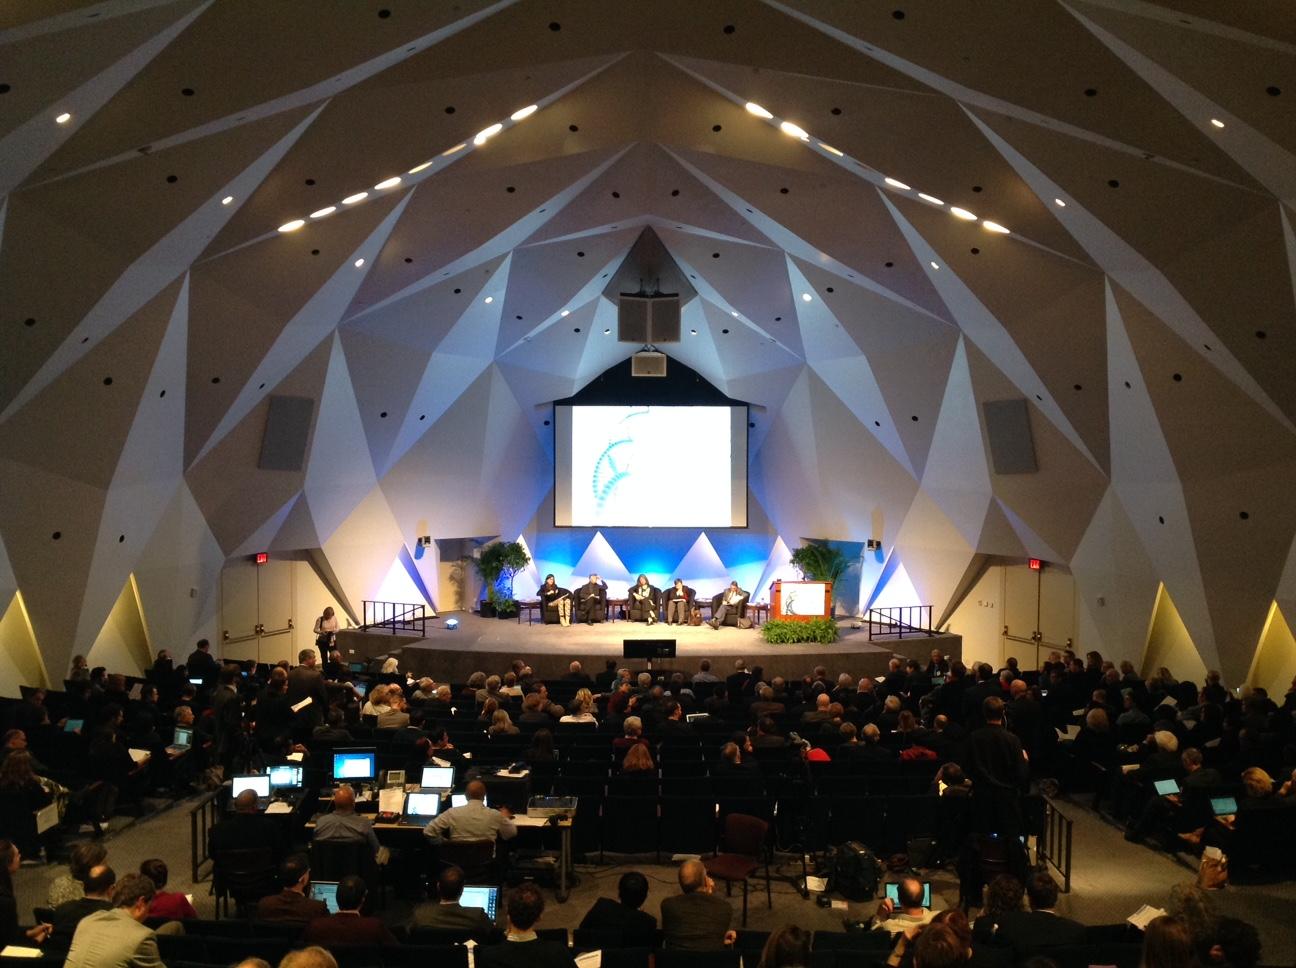 ヒトゲノム編集国際会議の会場の様子